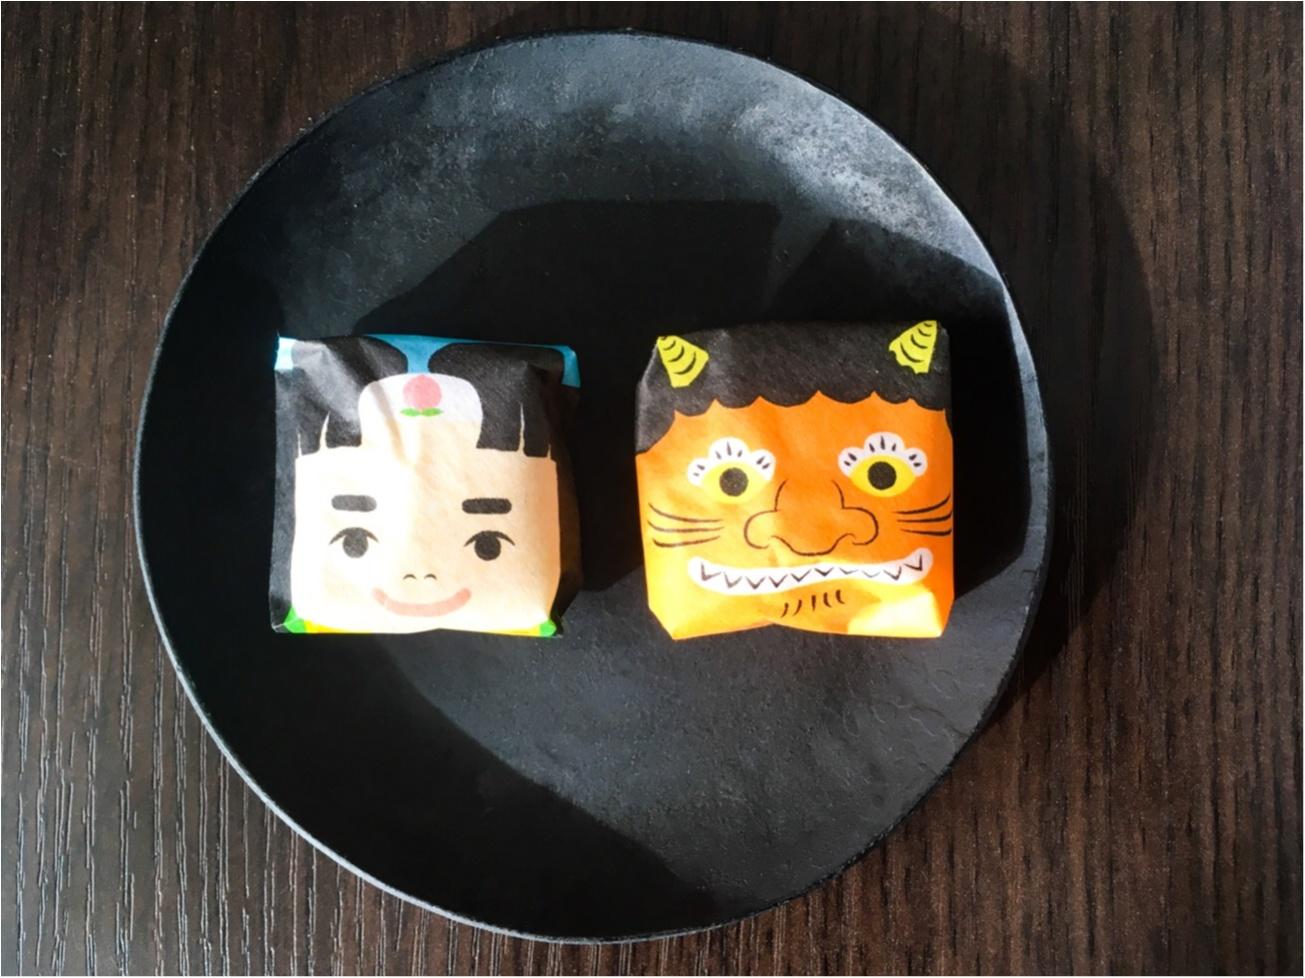 【マストBUY★岡山土産ならコレ!】まるで絵本?!あの桃太郎モチーフのお菓子にカワイイが止まらない❁_5